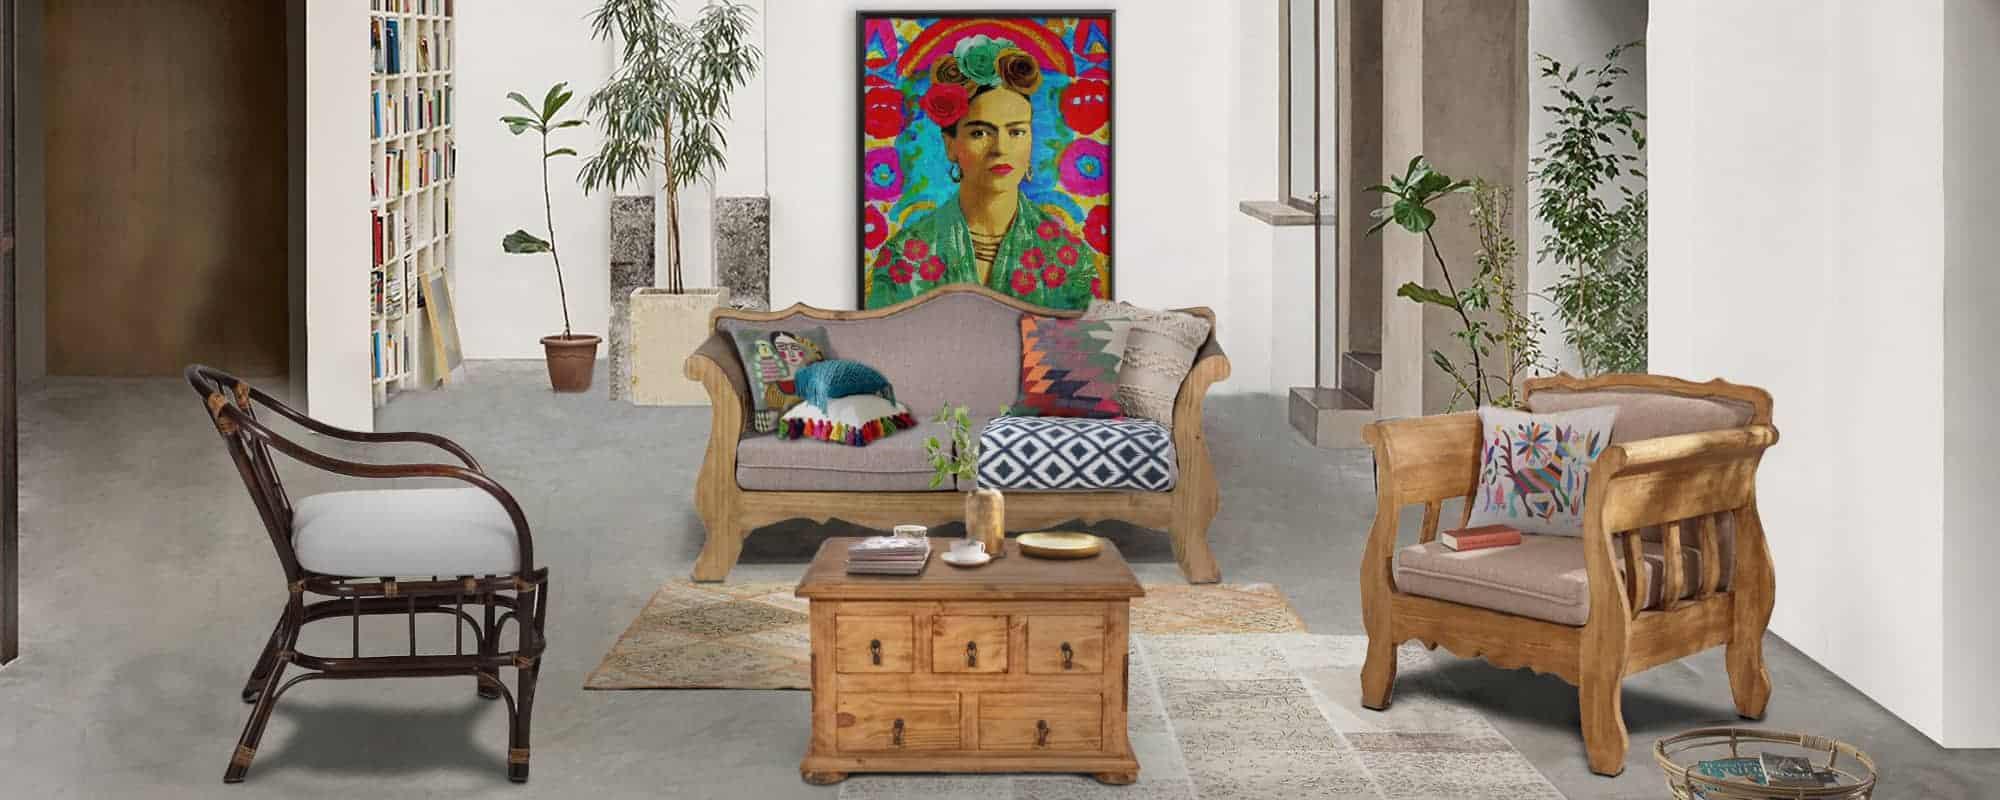 Mexico Möbel Online Kaufen Miamöbel